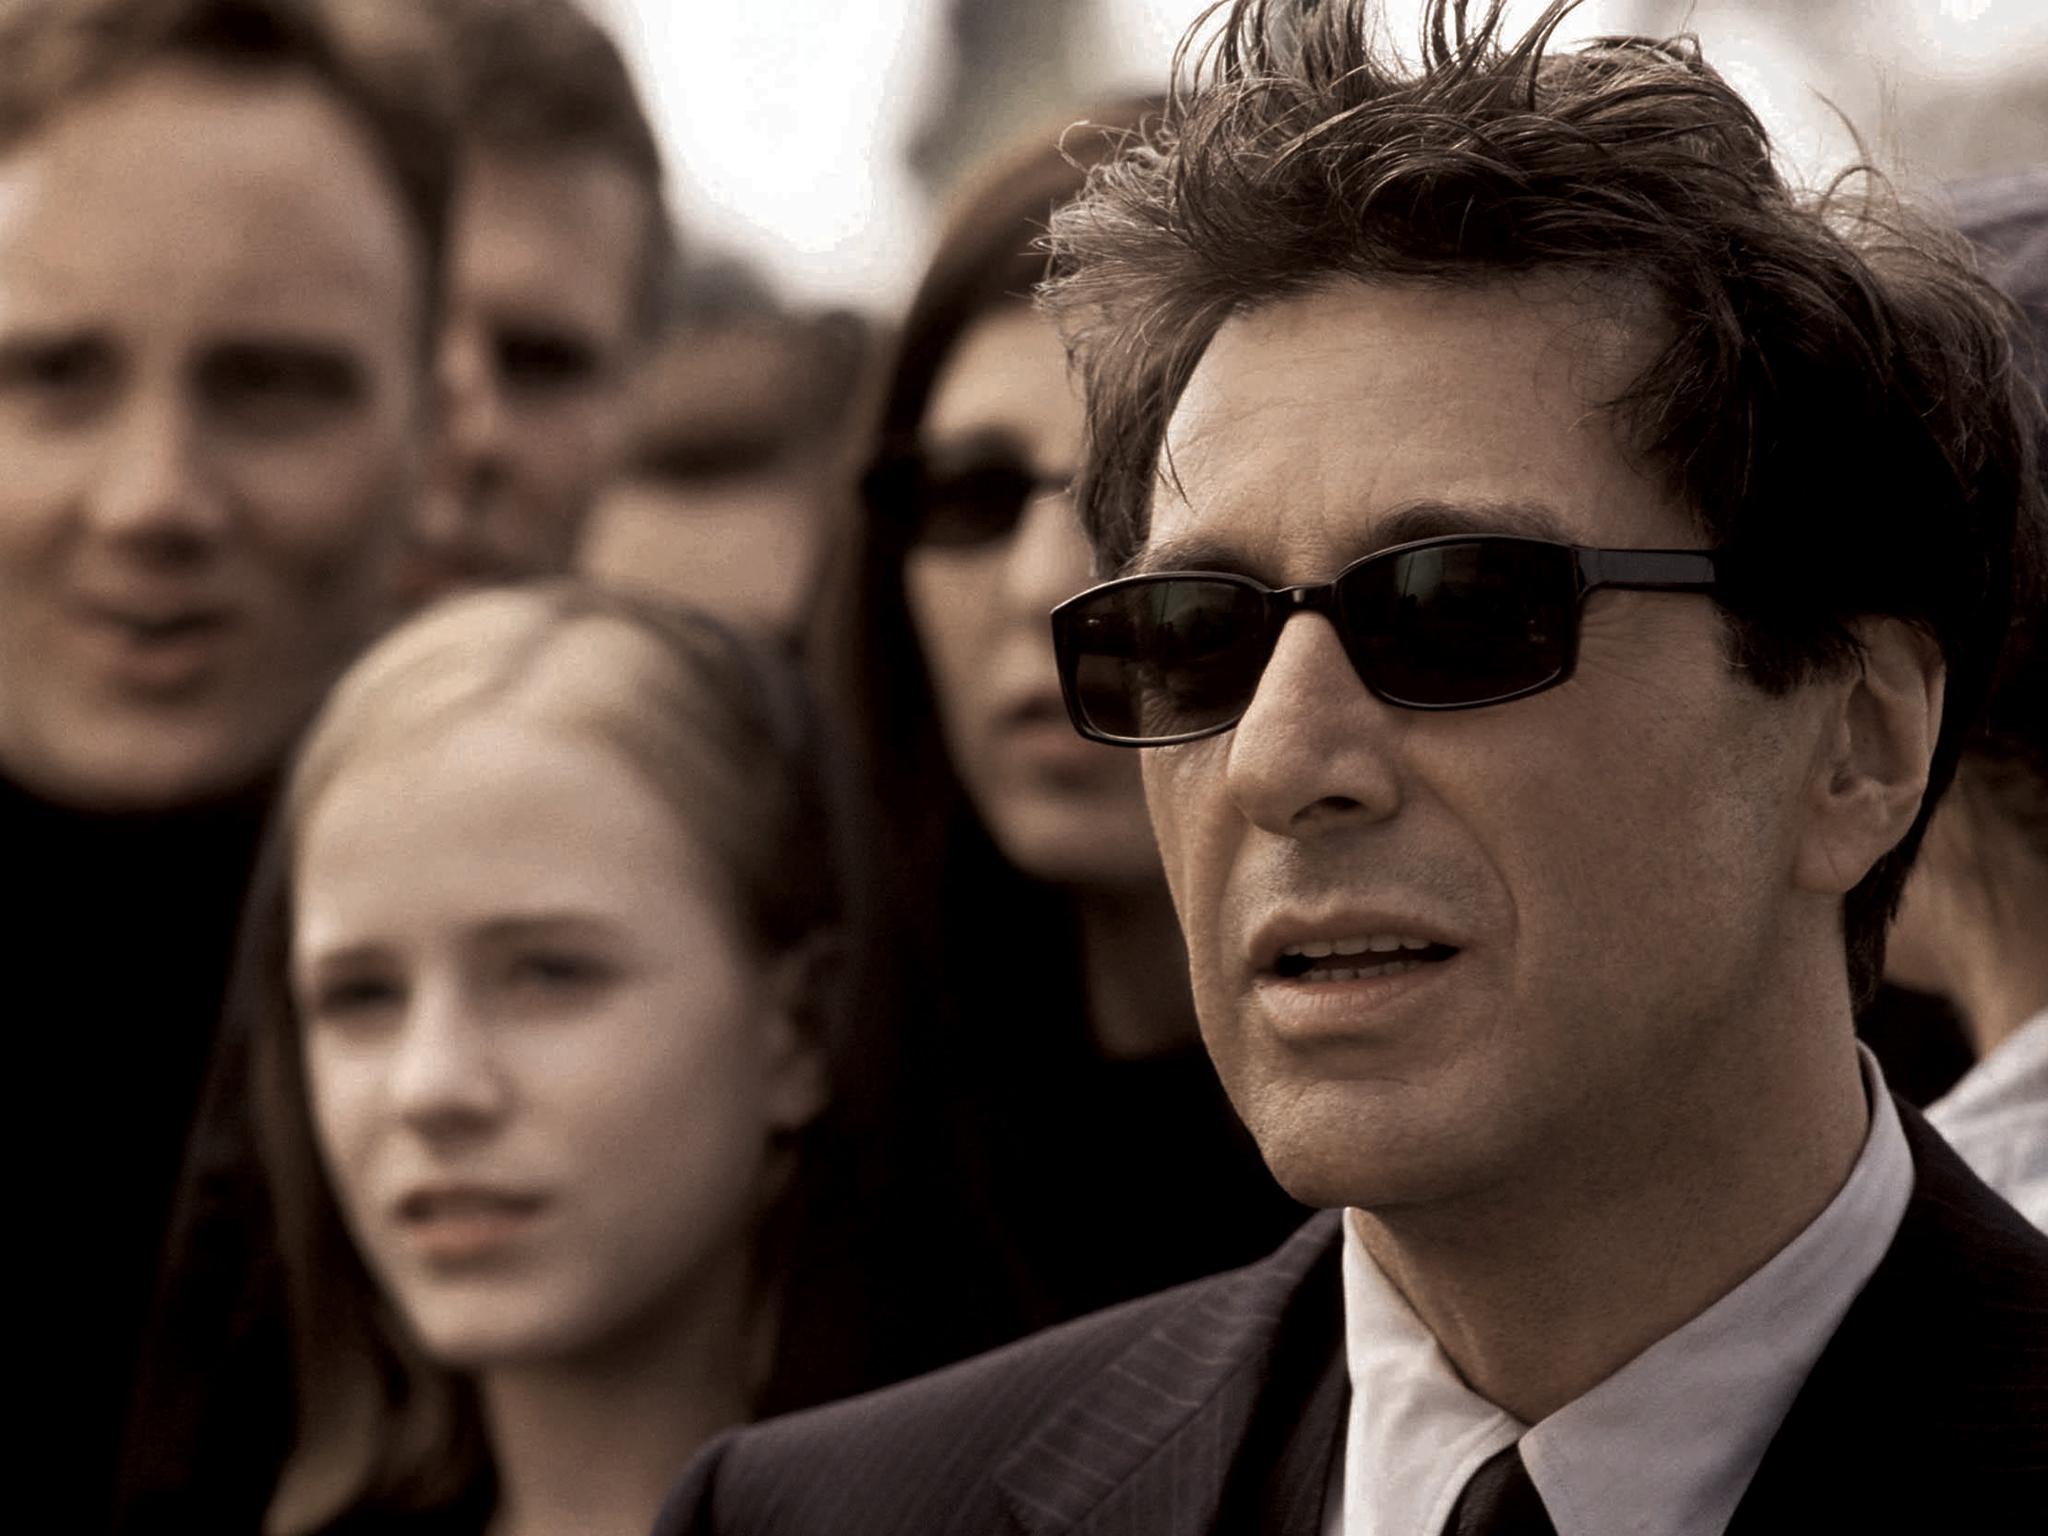 Al Pacino's worst performances, S1m0ne